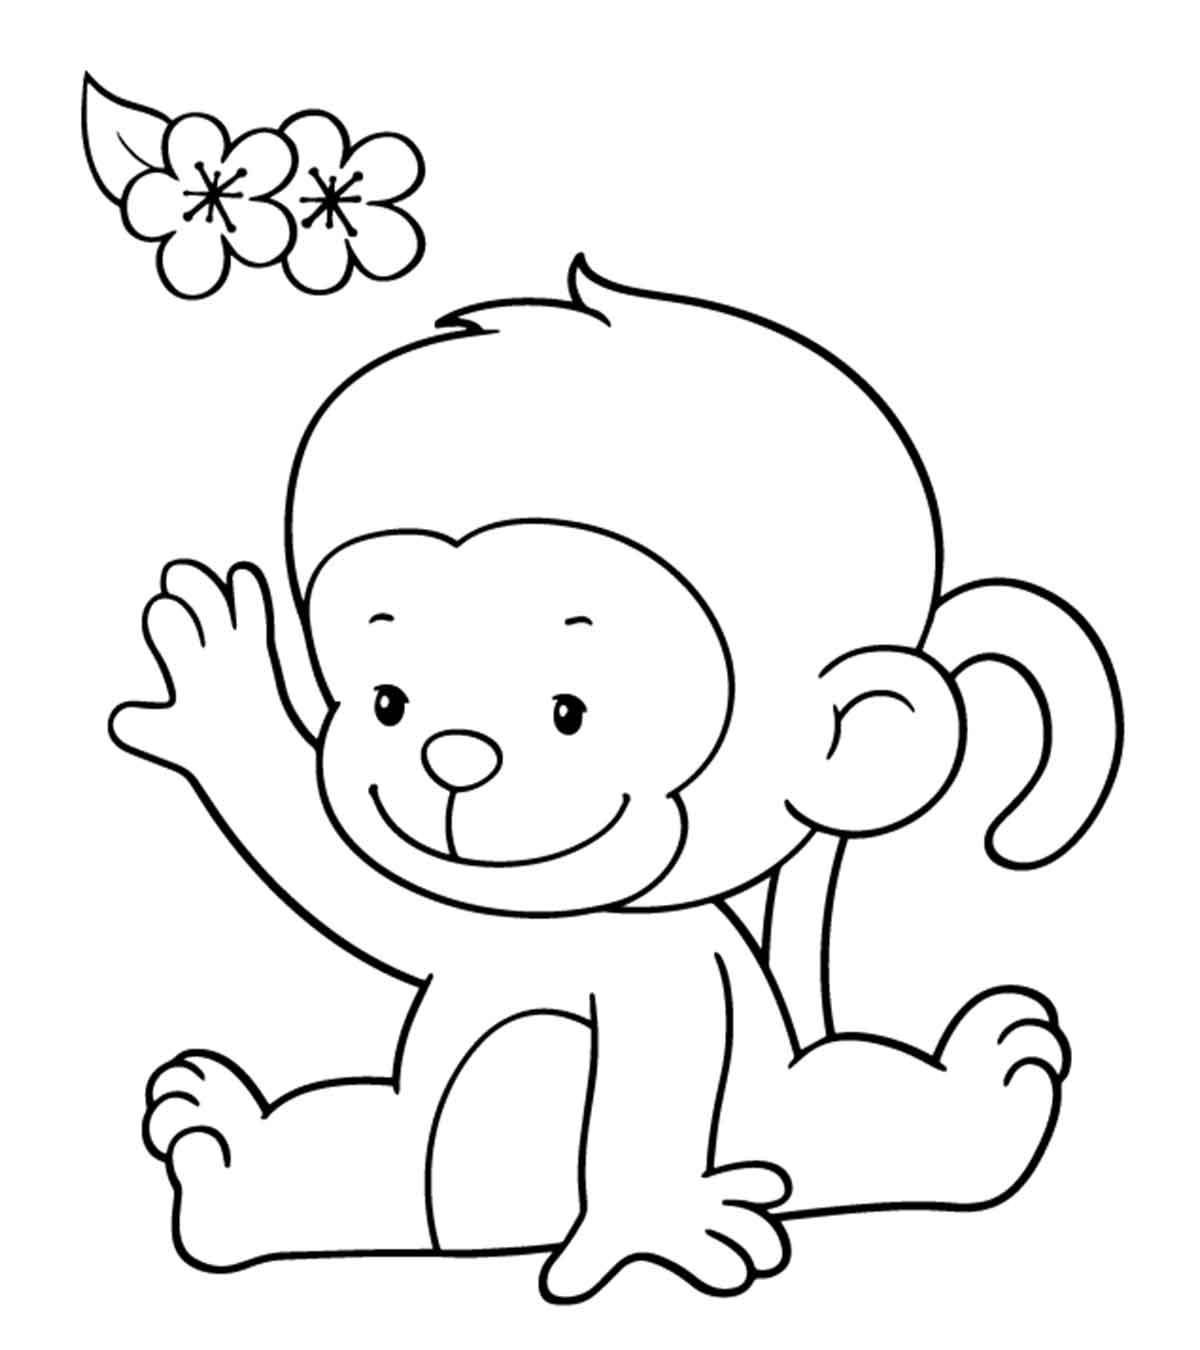 Tranh tô màu con khỉ con